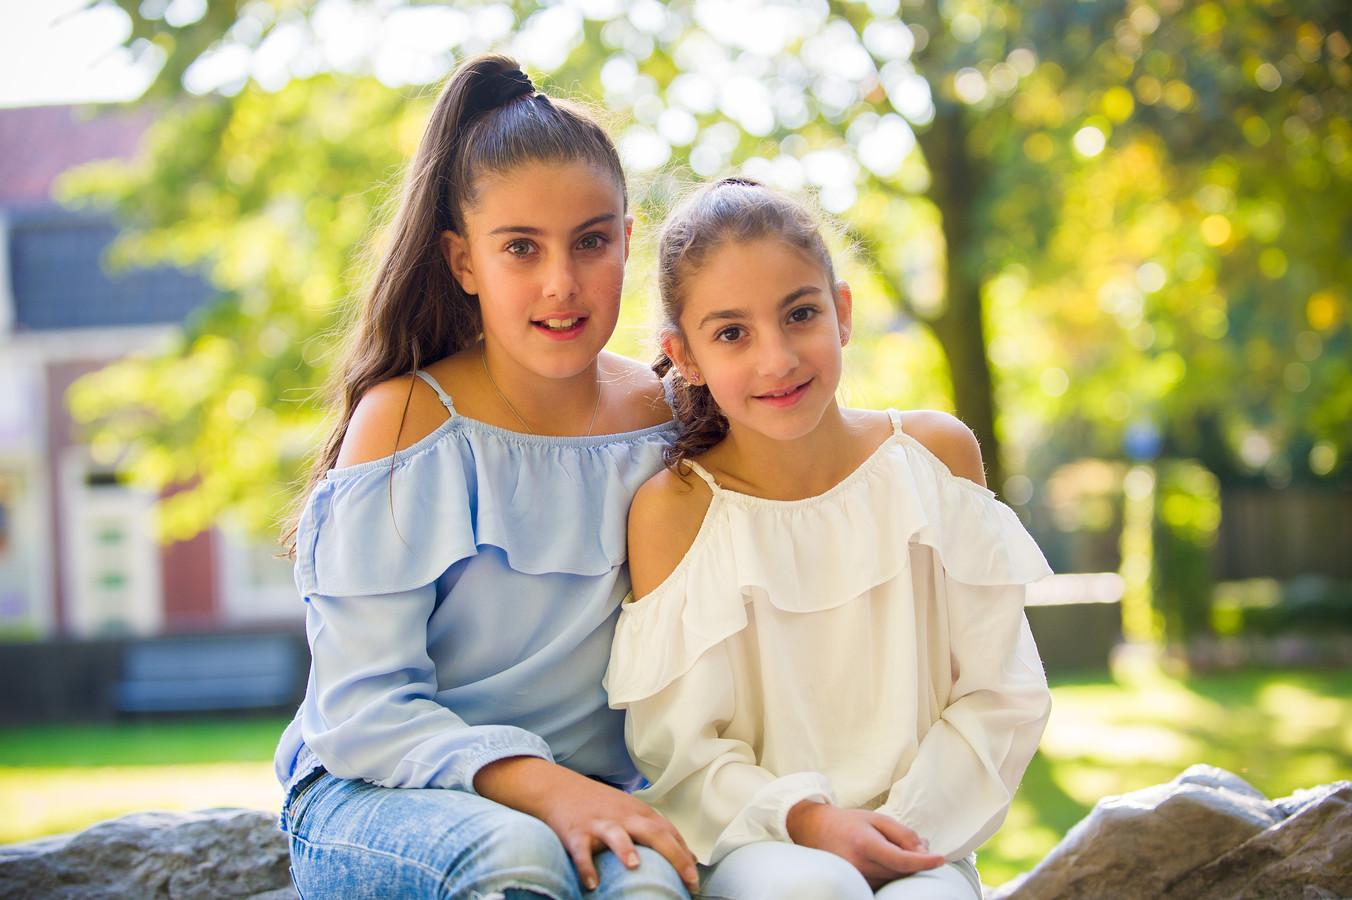 Dianne (rechts) en Susanne Arshukyan uit Armenië wonen net als Lili en Howick al jarenlang in Nederland. Toch dreigen zij wel uitgezet te worden.